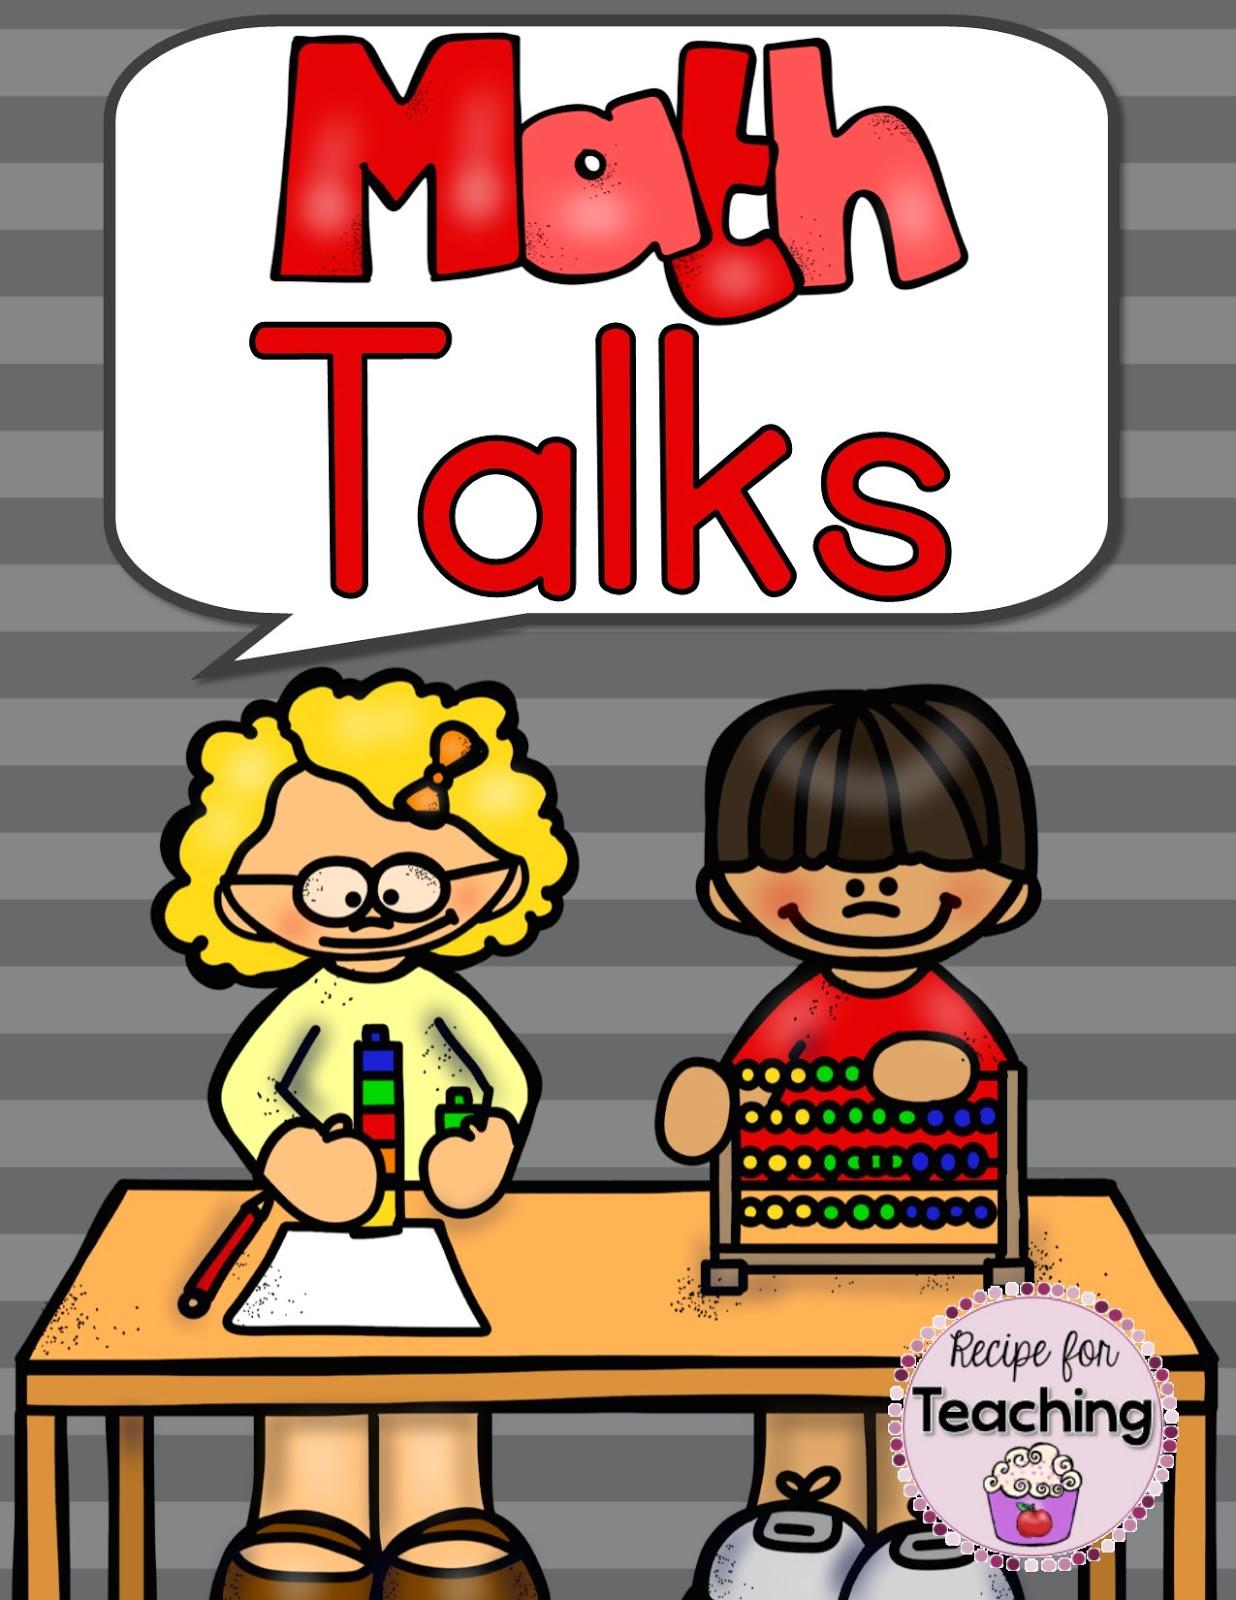 https://www.teacherspayteachers.com/Product/Math-Talks-1712604